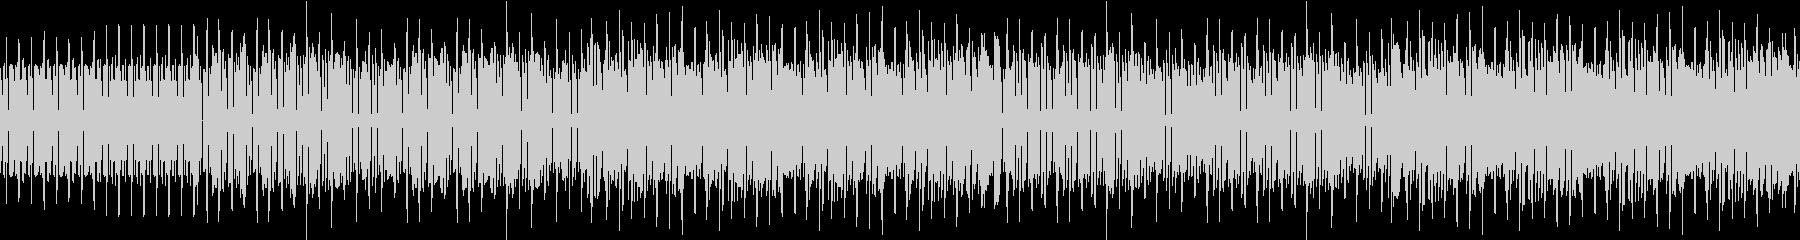 アップテンポなファミコン風ゲームBGMの未再生の波形